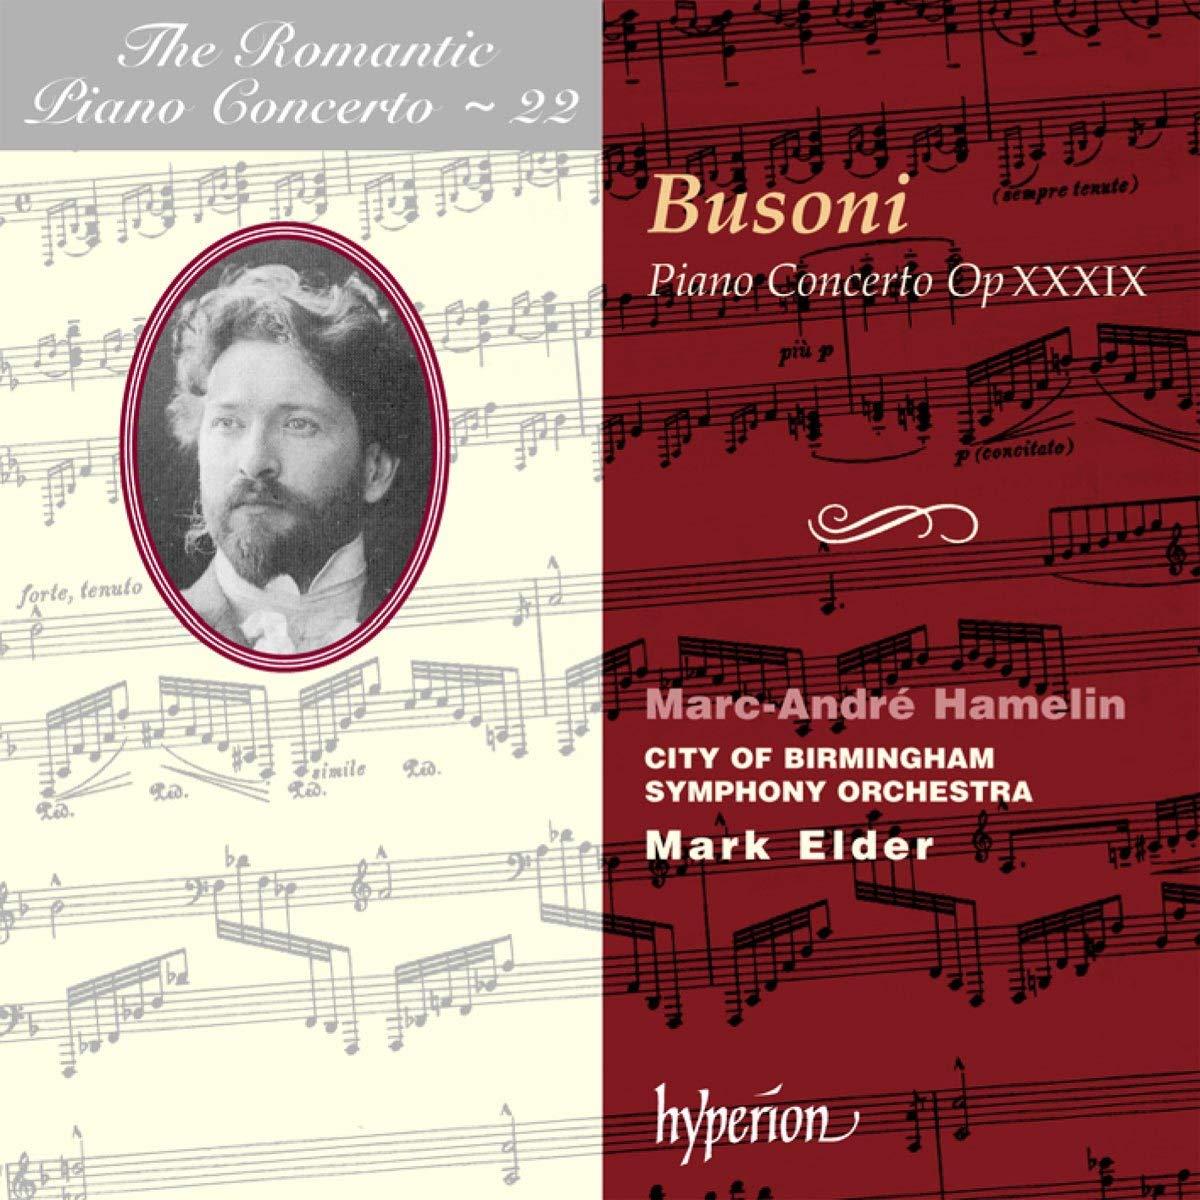 Busoni: Piano Concerto - iTunes | Amazon